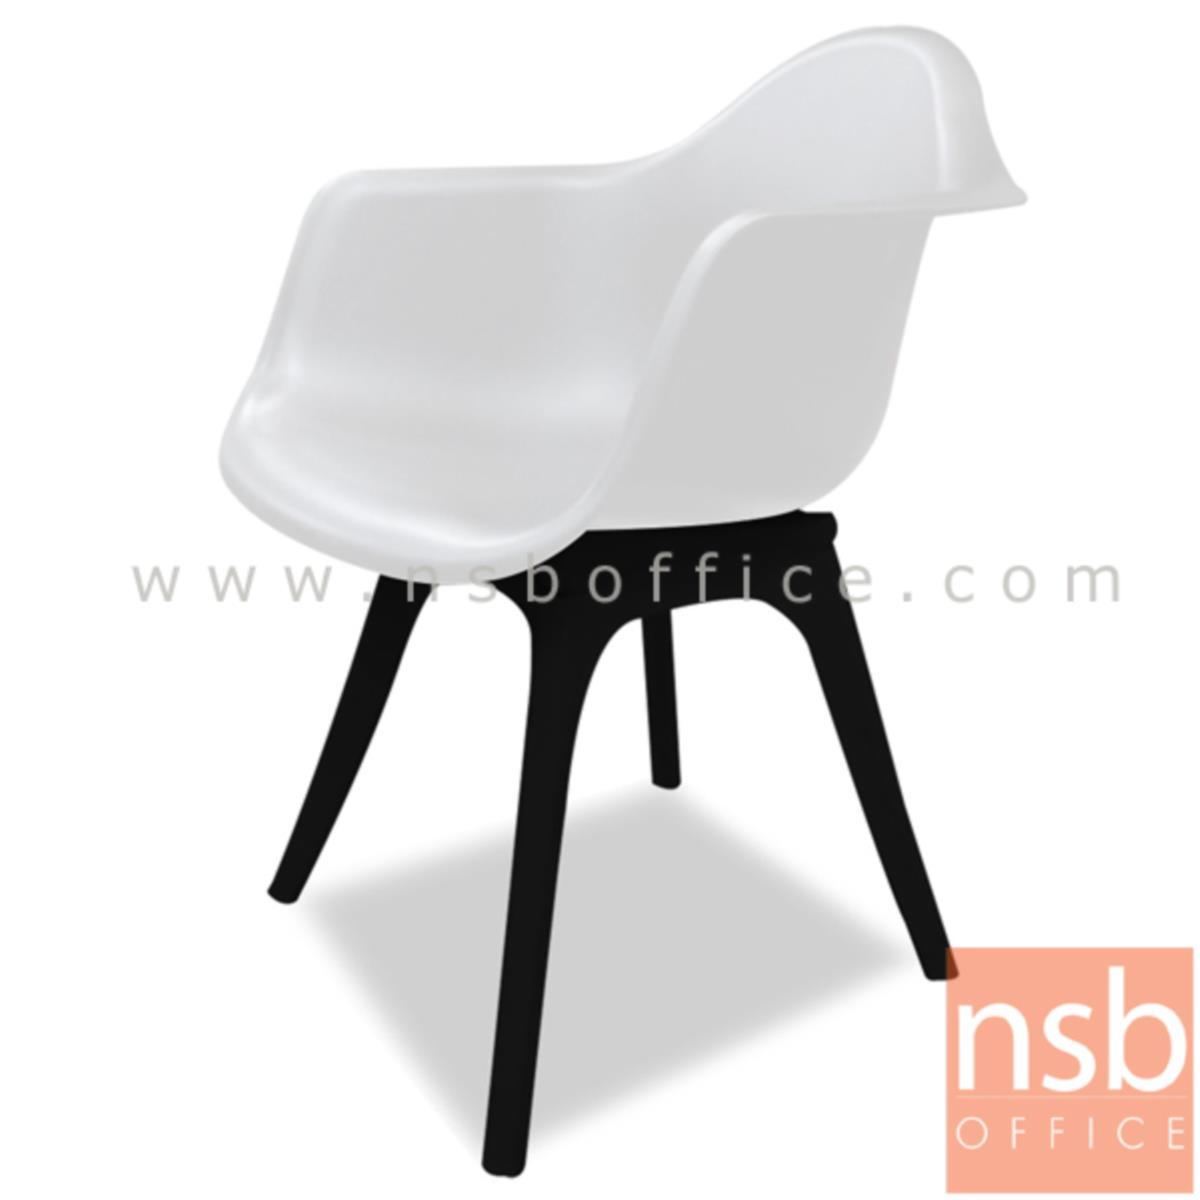 เก้าอี้โมเดิร์นพลาสติกสีสัน รุ่น Ruffina (รูฟิน่า) ขนาด 62.5W cm.